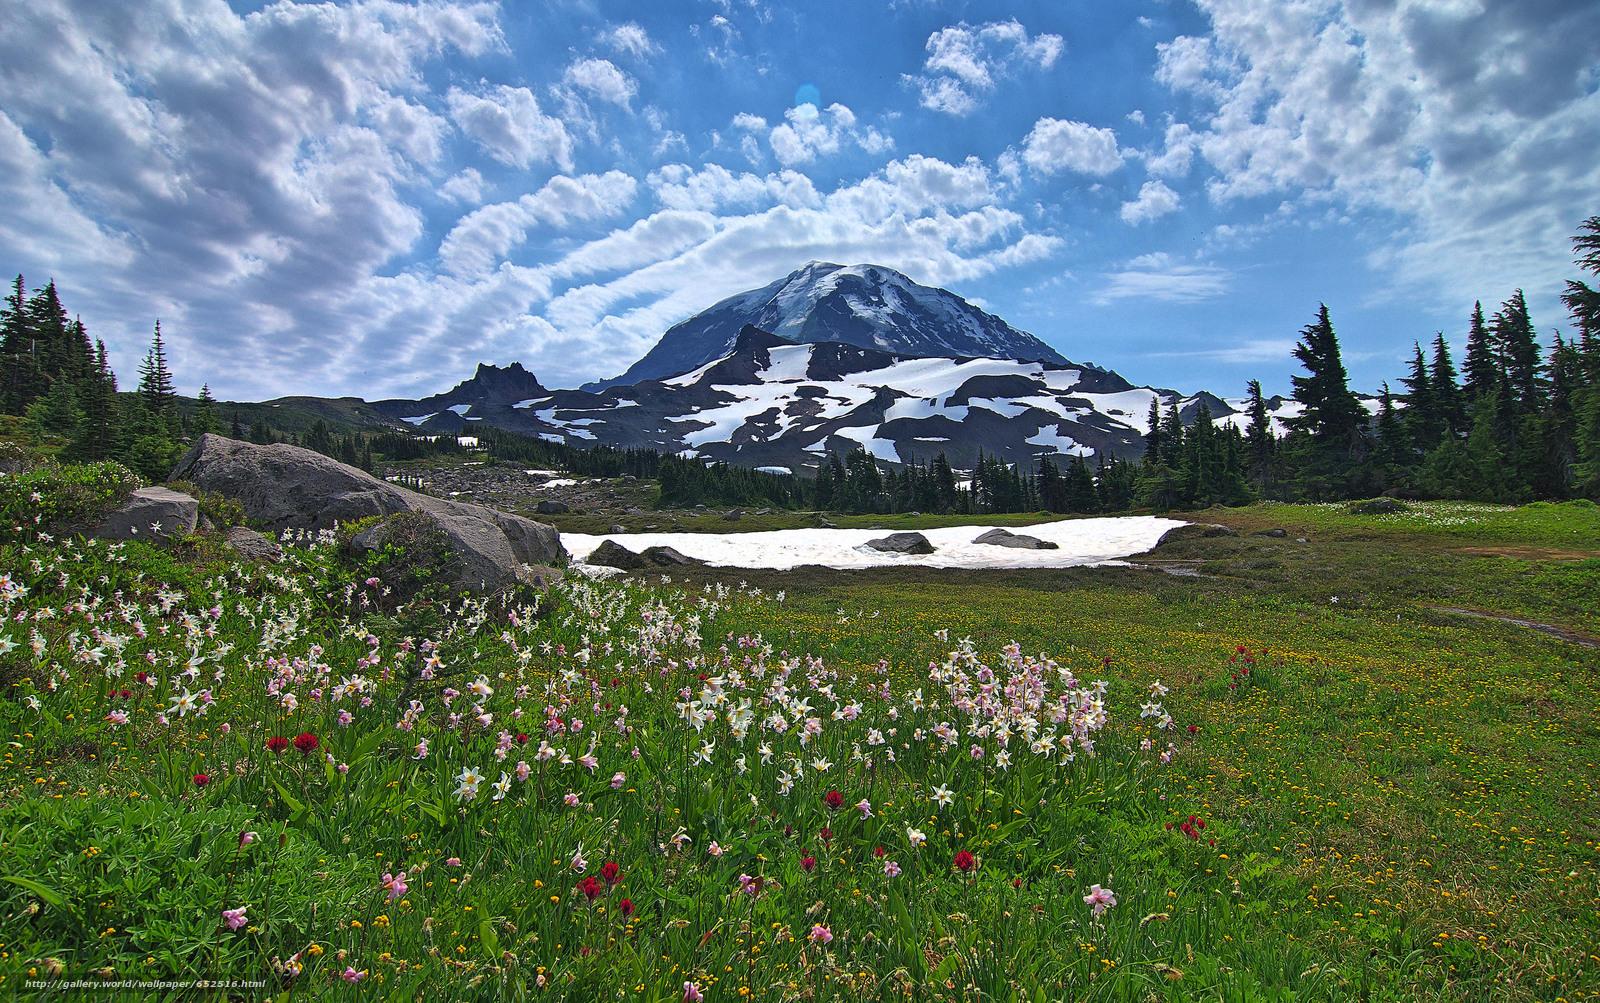 scaricare gli sfondi Mount Rainier National Park,  Montagne,  Colline,  alberi Sfondi gratis per la risoluzione del desktop 4710x2954 — immagine №652516